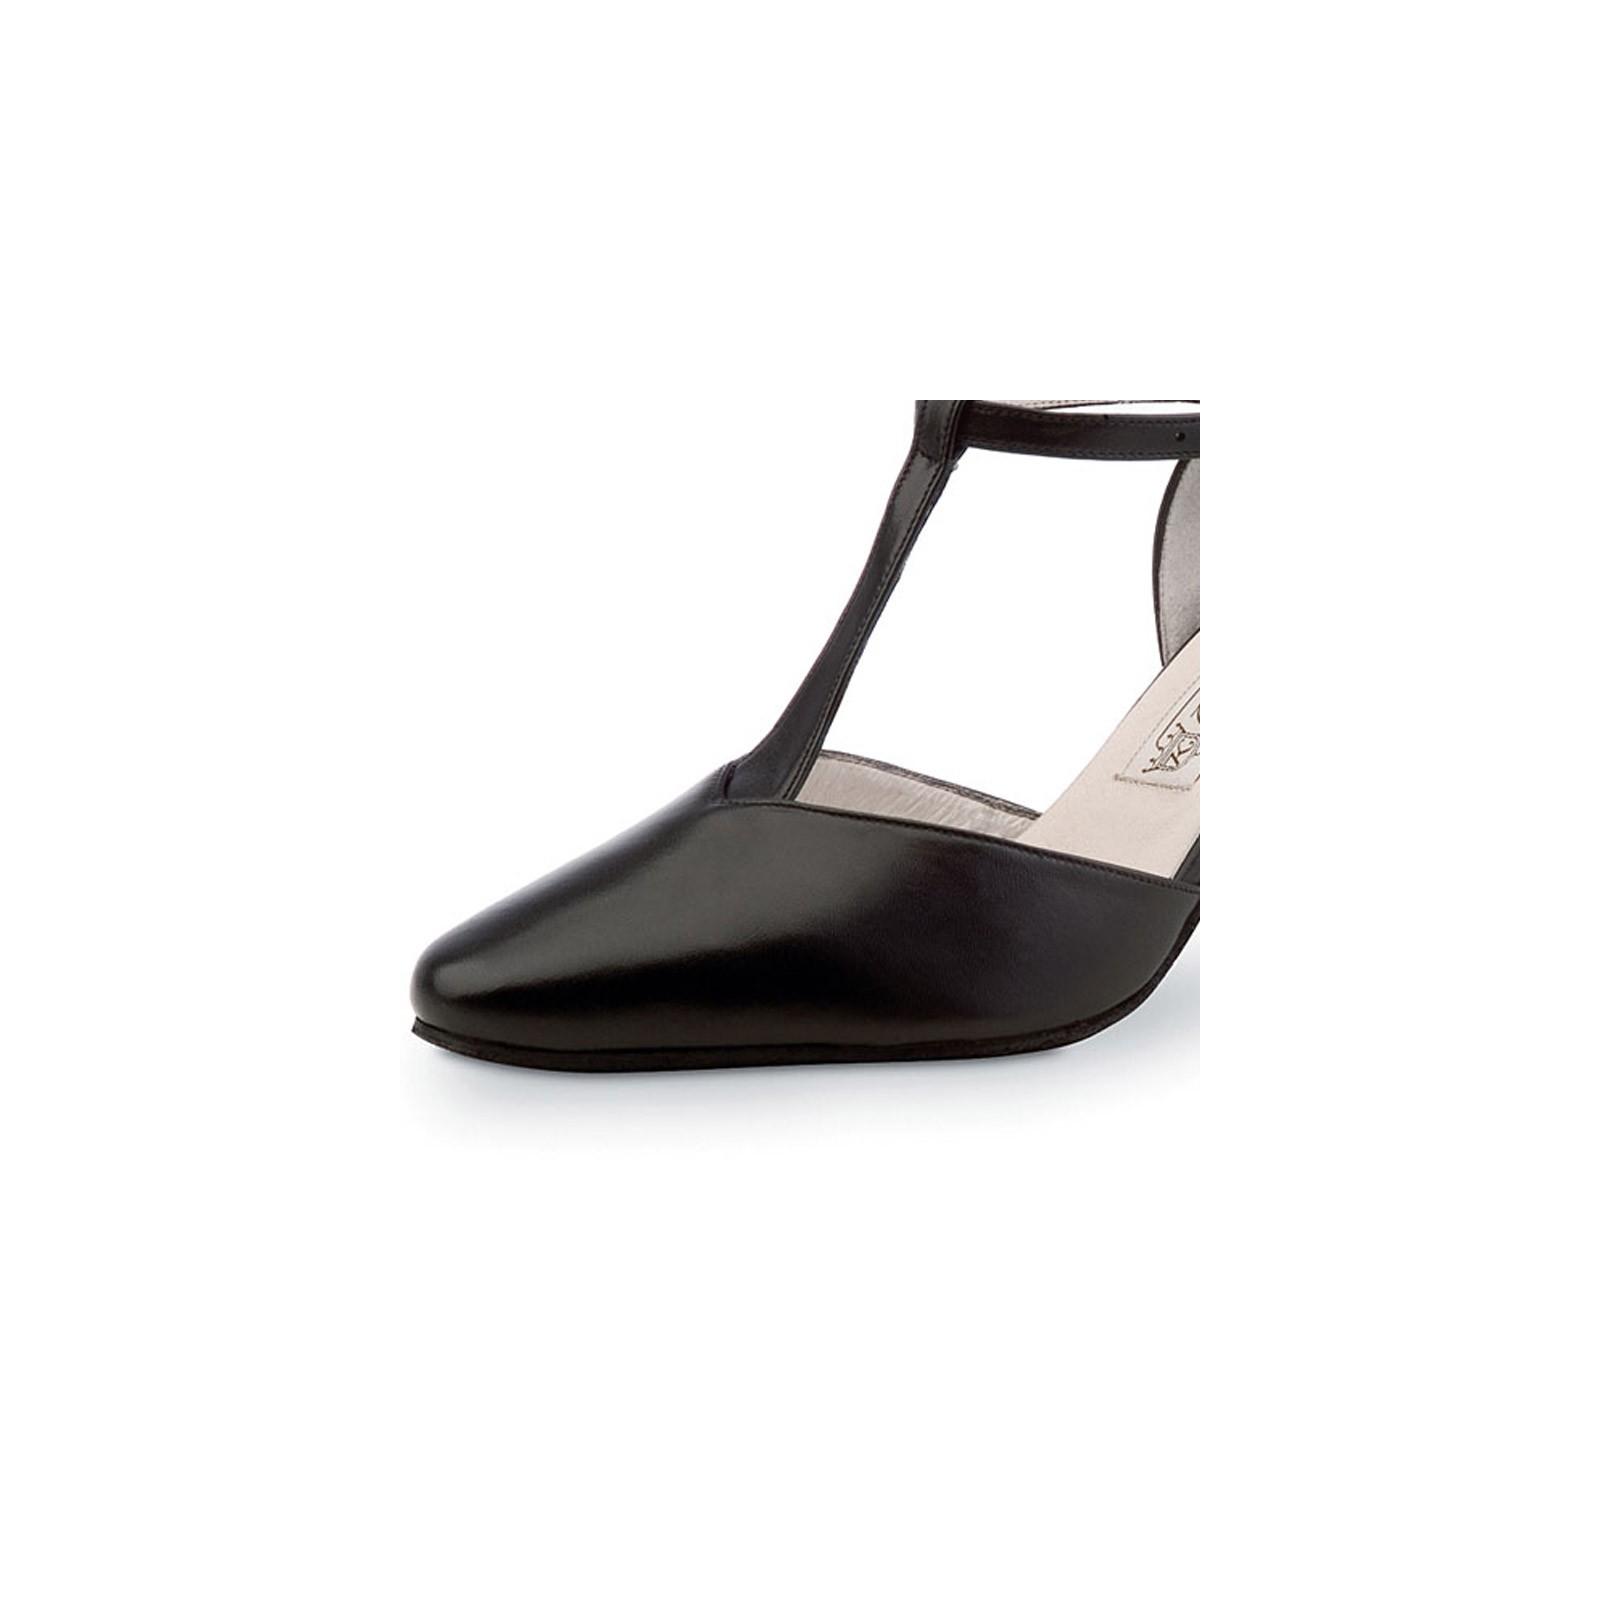 Cm Chaussures De 6 Cuir Kern Danse Noir Www Werner 5 Andrea CxBq0Cwdr